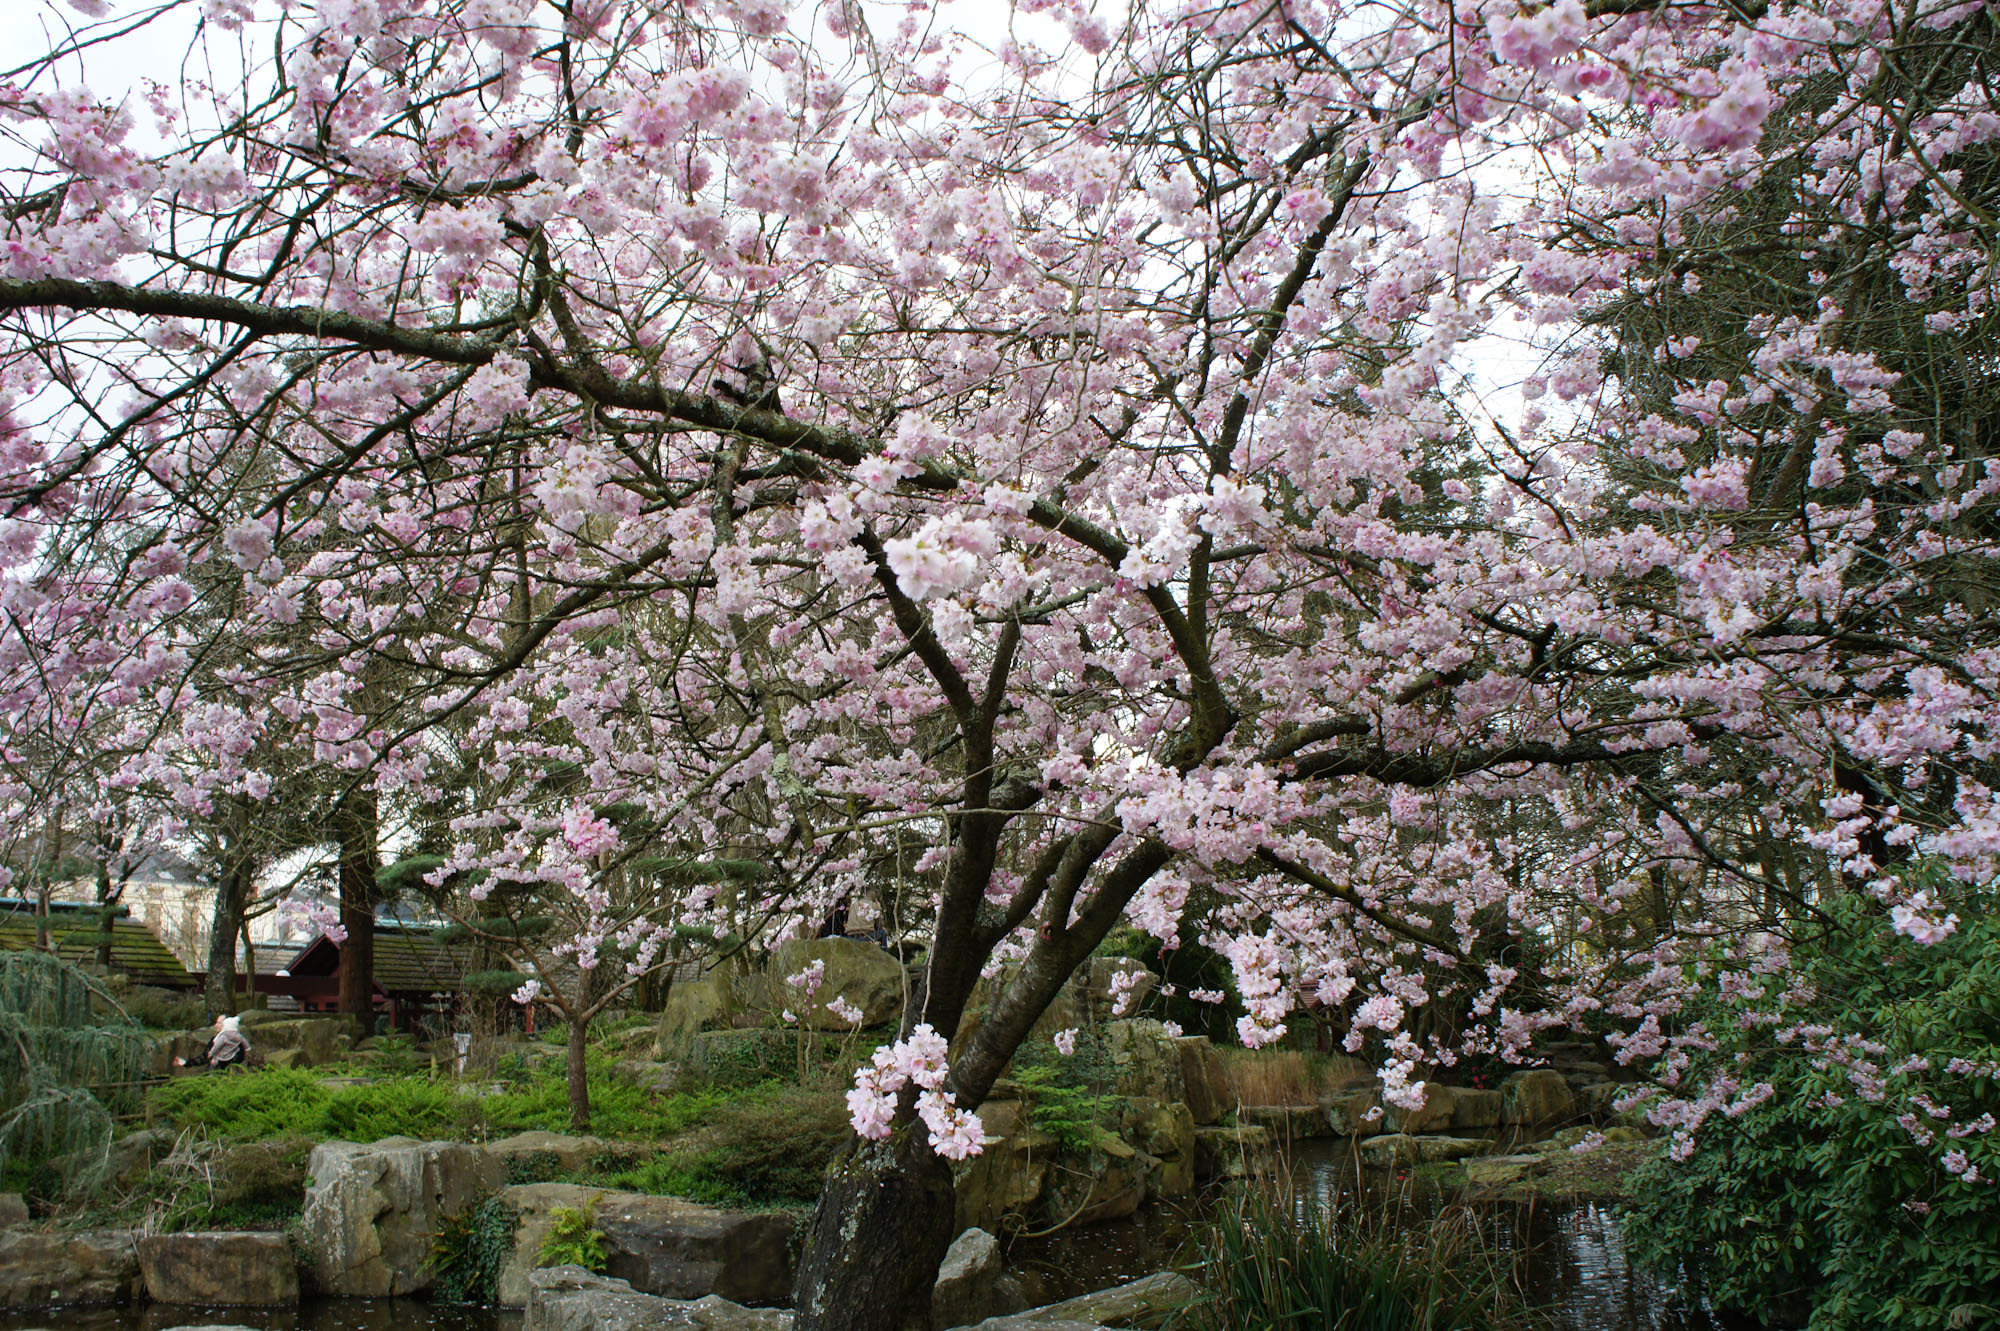 D co faire un petit jardin japonais argenteuil 22 - Faire un jardin japonais ...